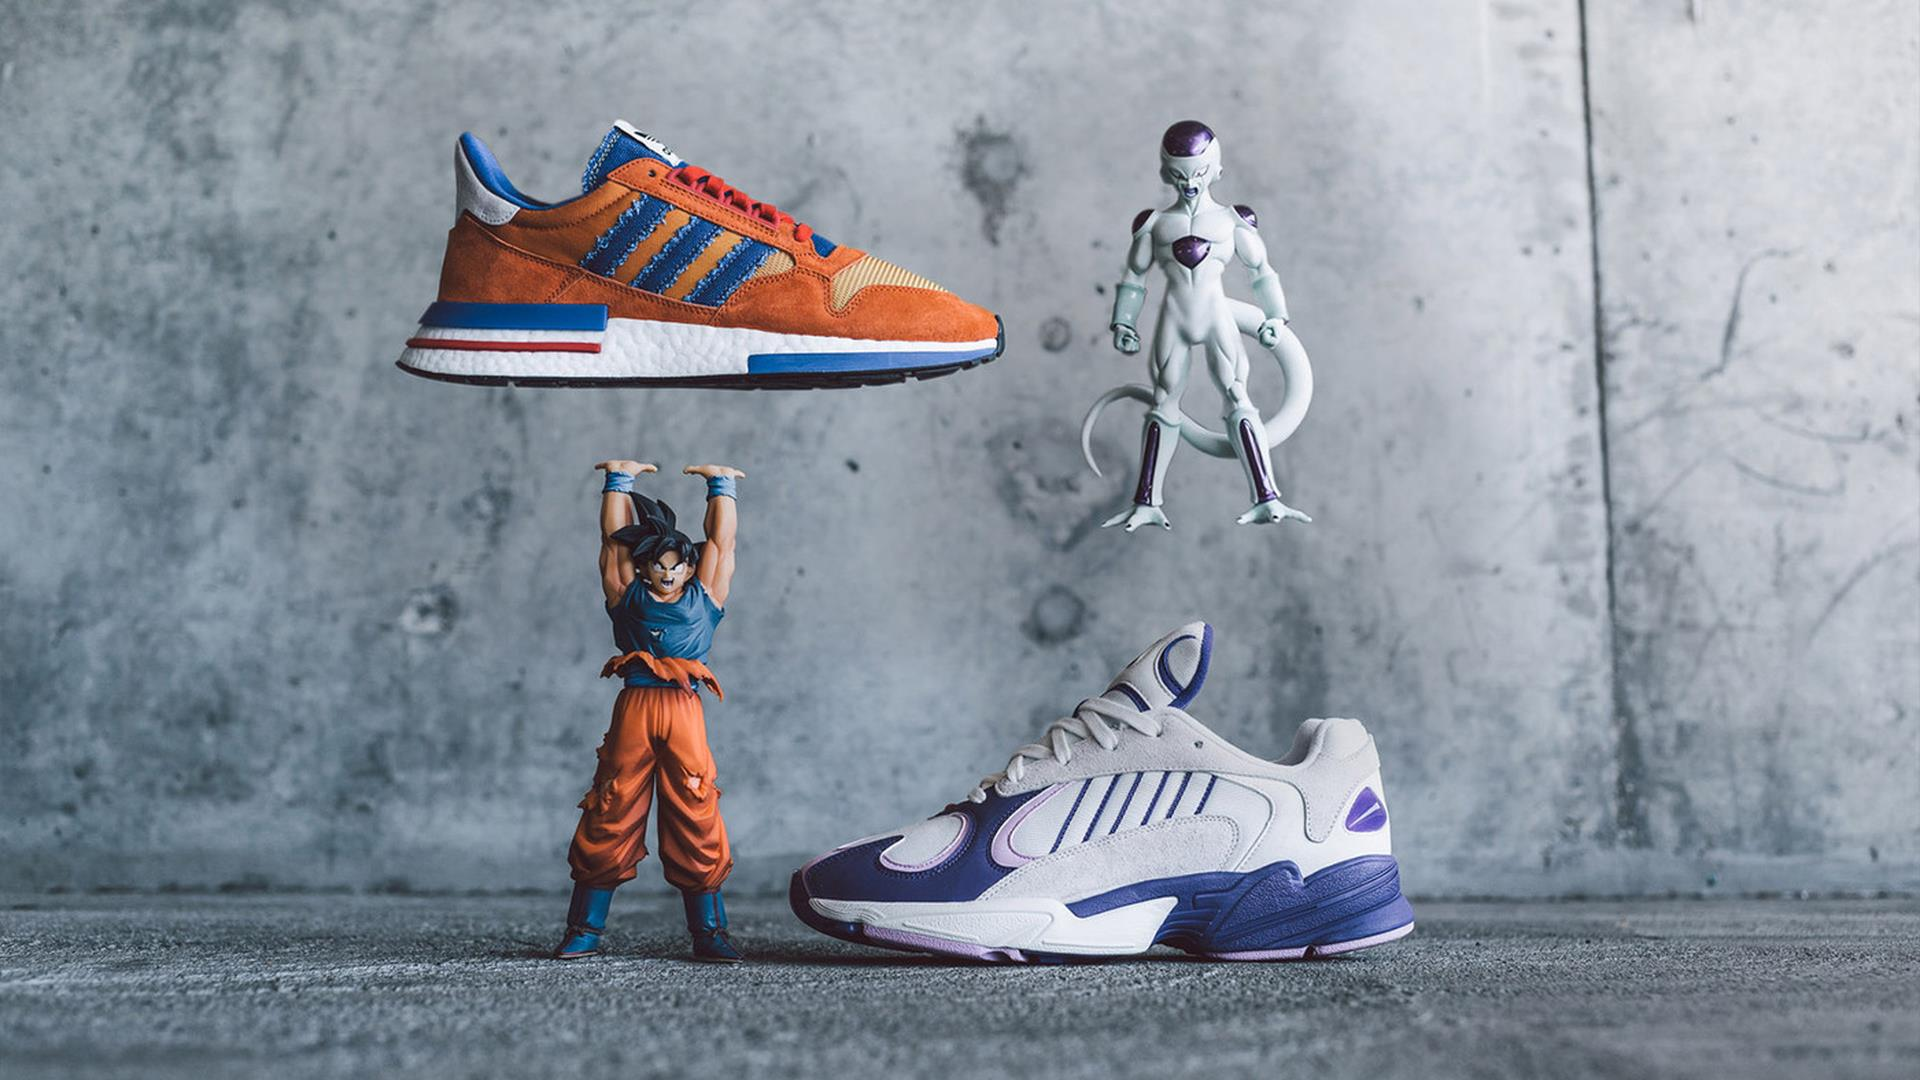 Adidas x Dragon Ball Z, tutti i modelli di scarpe ispirati